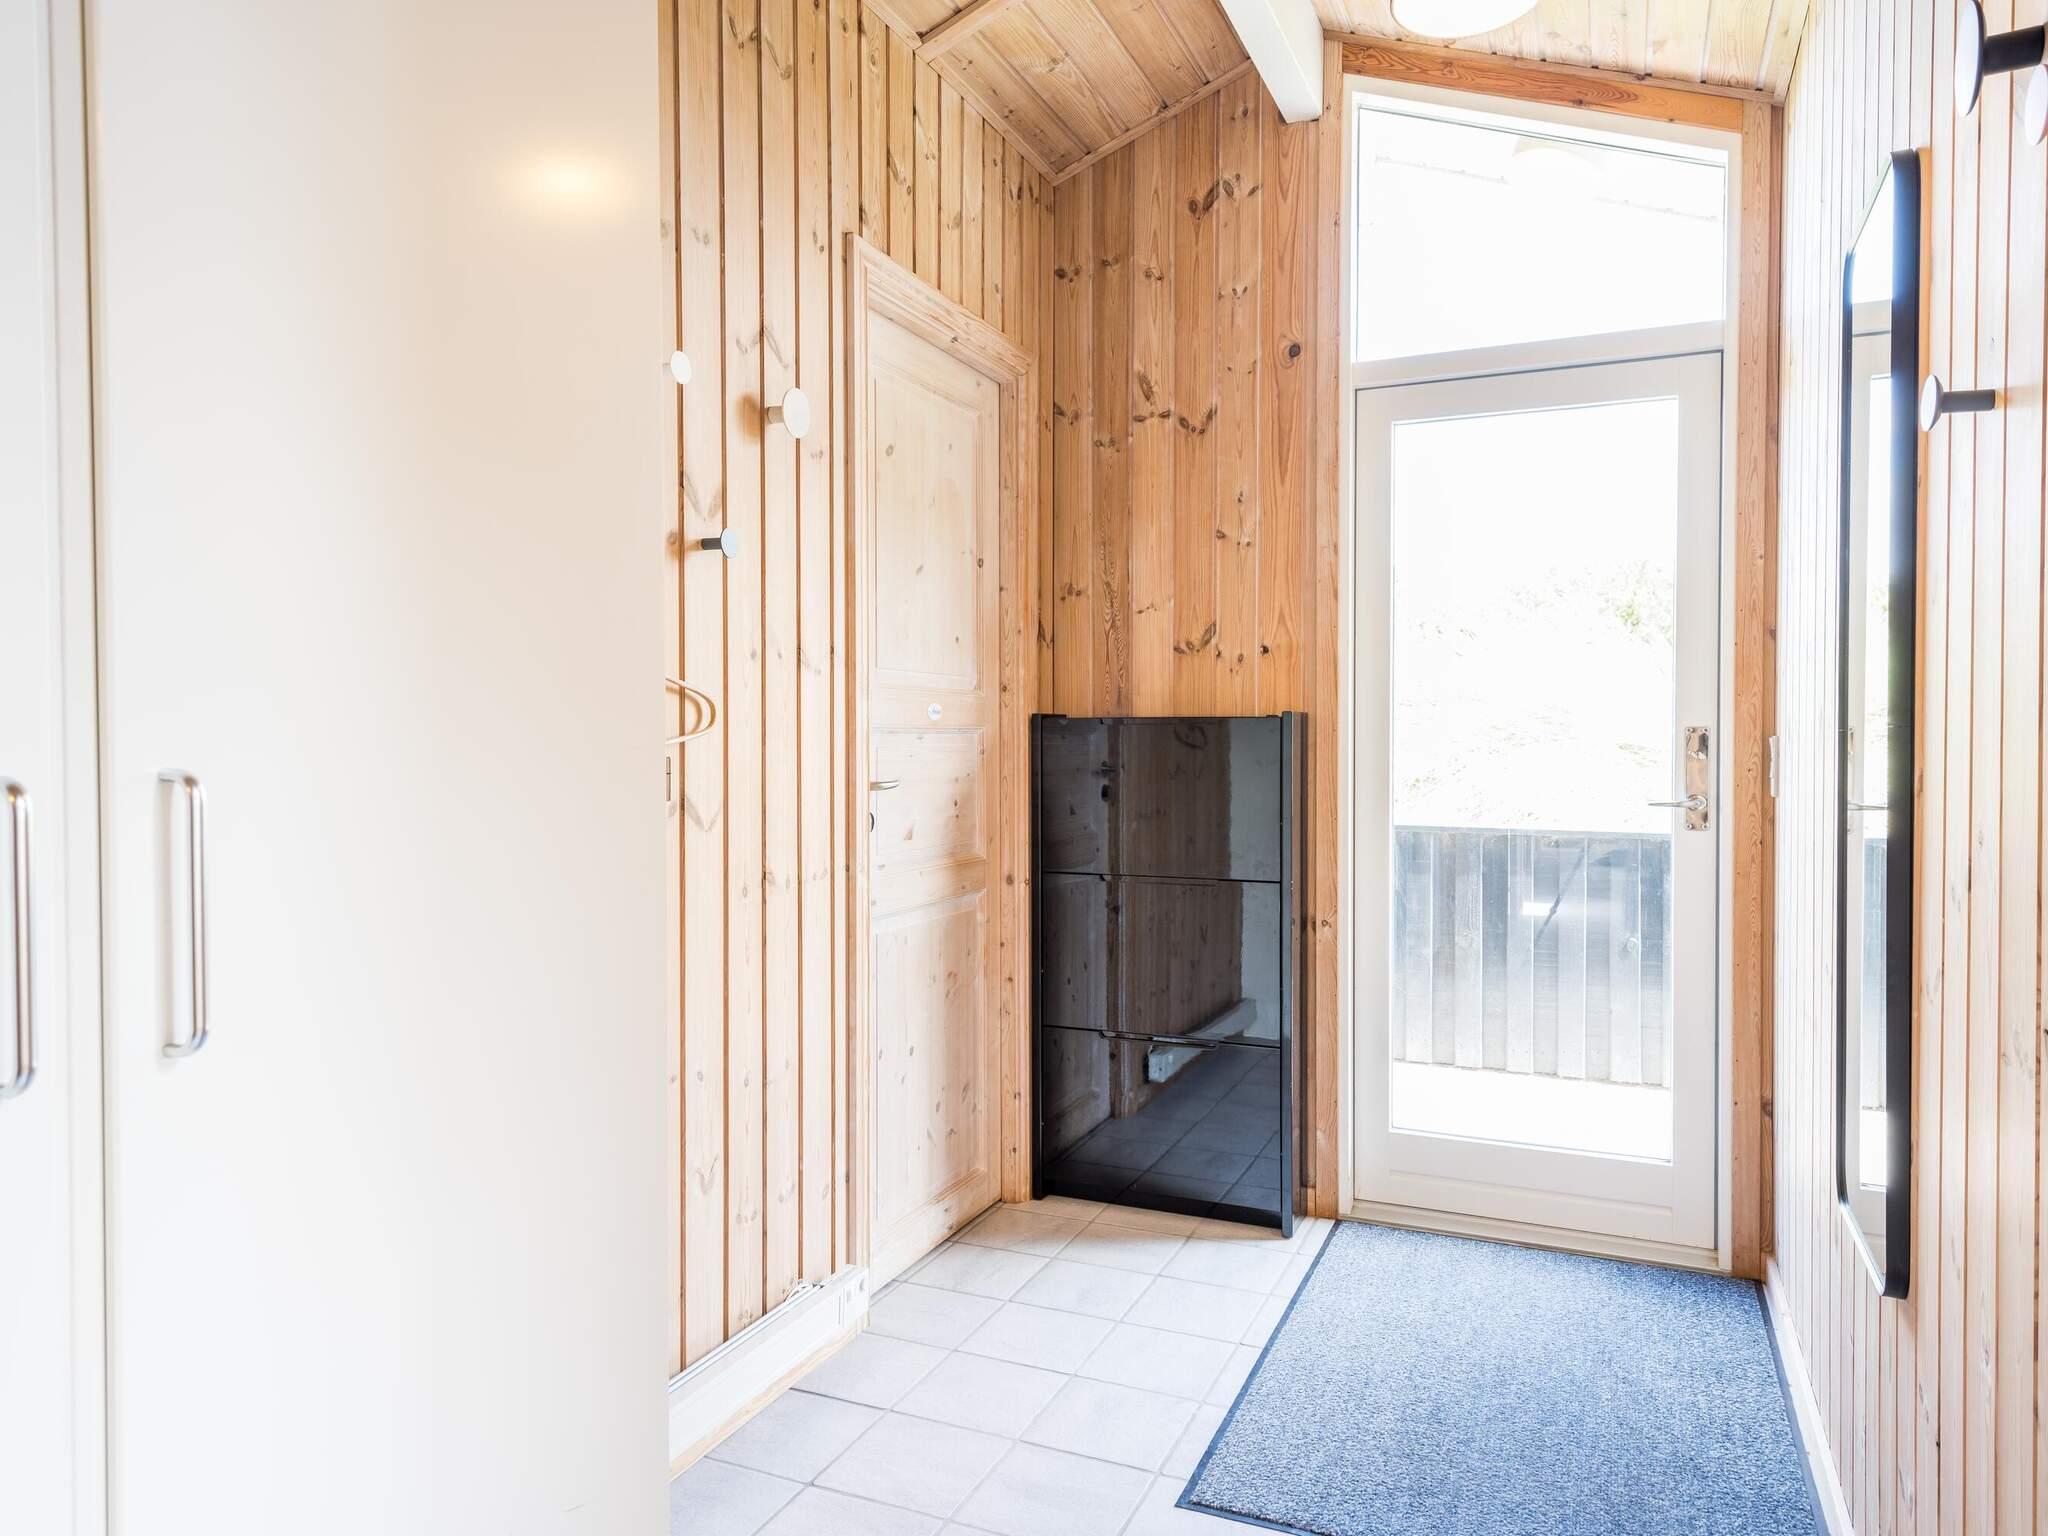 Ferienhaus Grærup (2818099), Grærup, , Westjütland, Dänemark, Bild 18